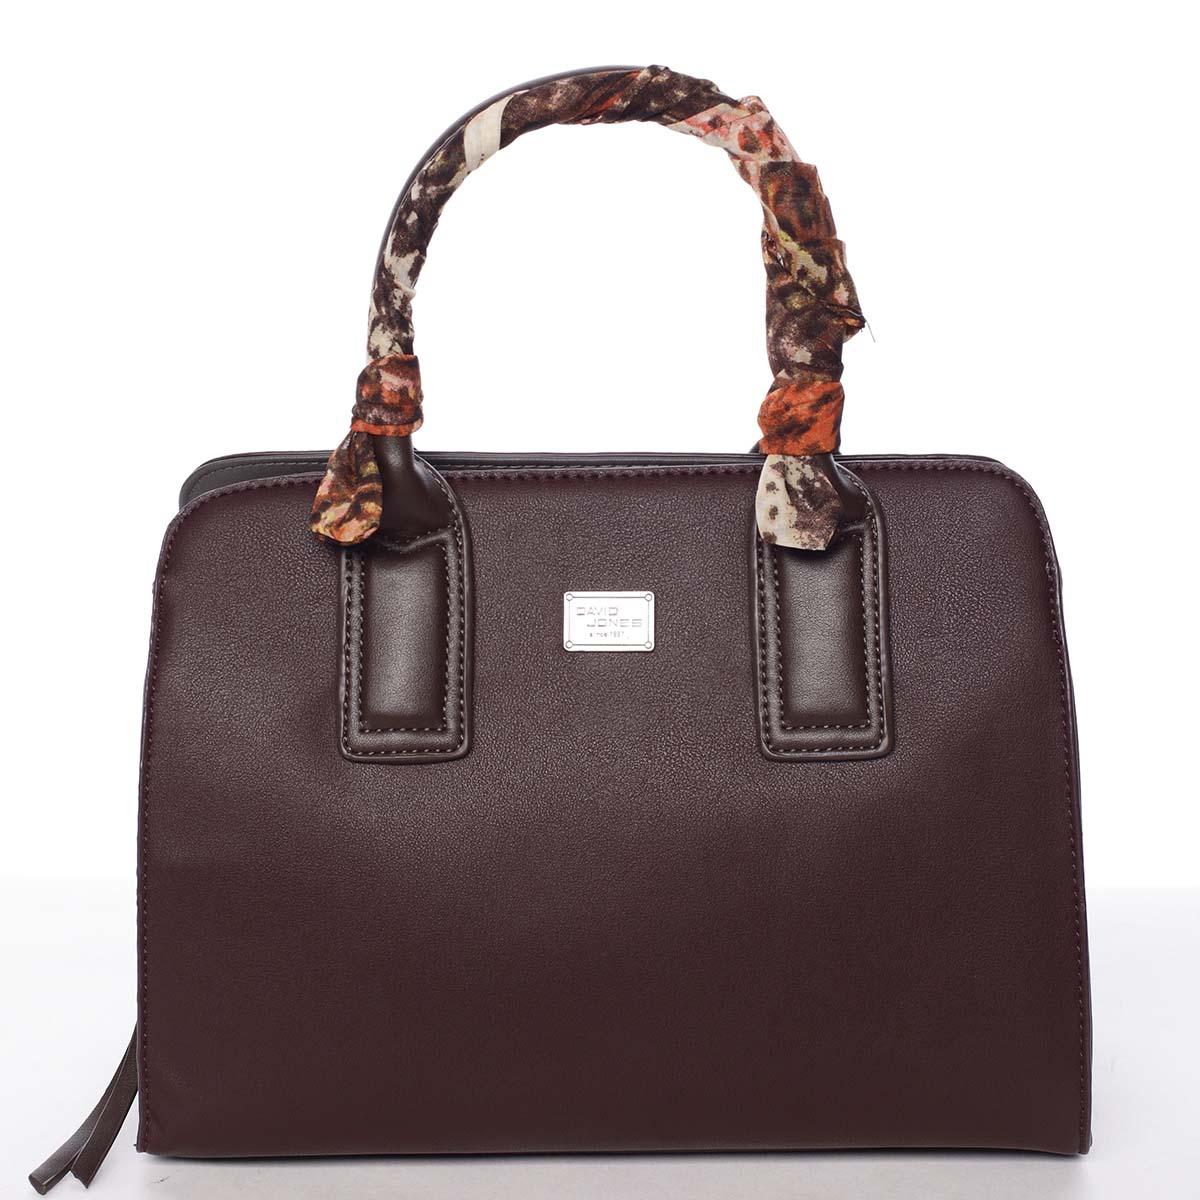 Štýlová trendy dámska kabelka do ruky tmavofialová - David Jones Crescent fialová